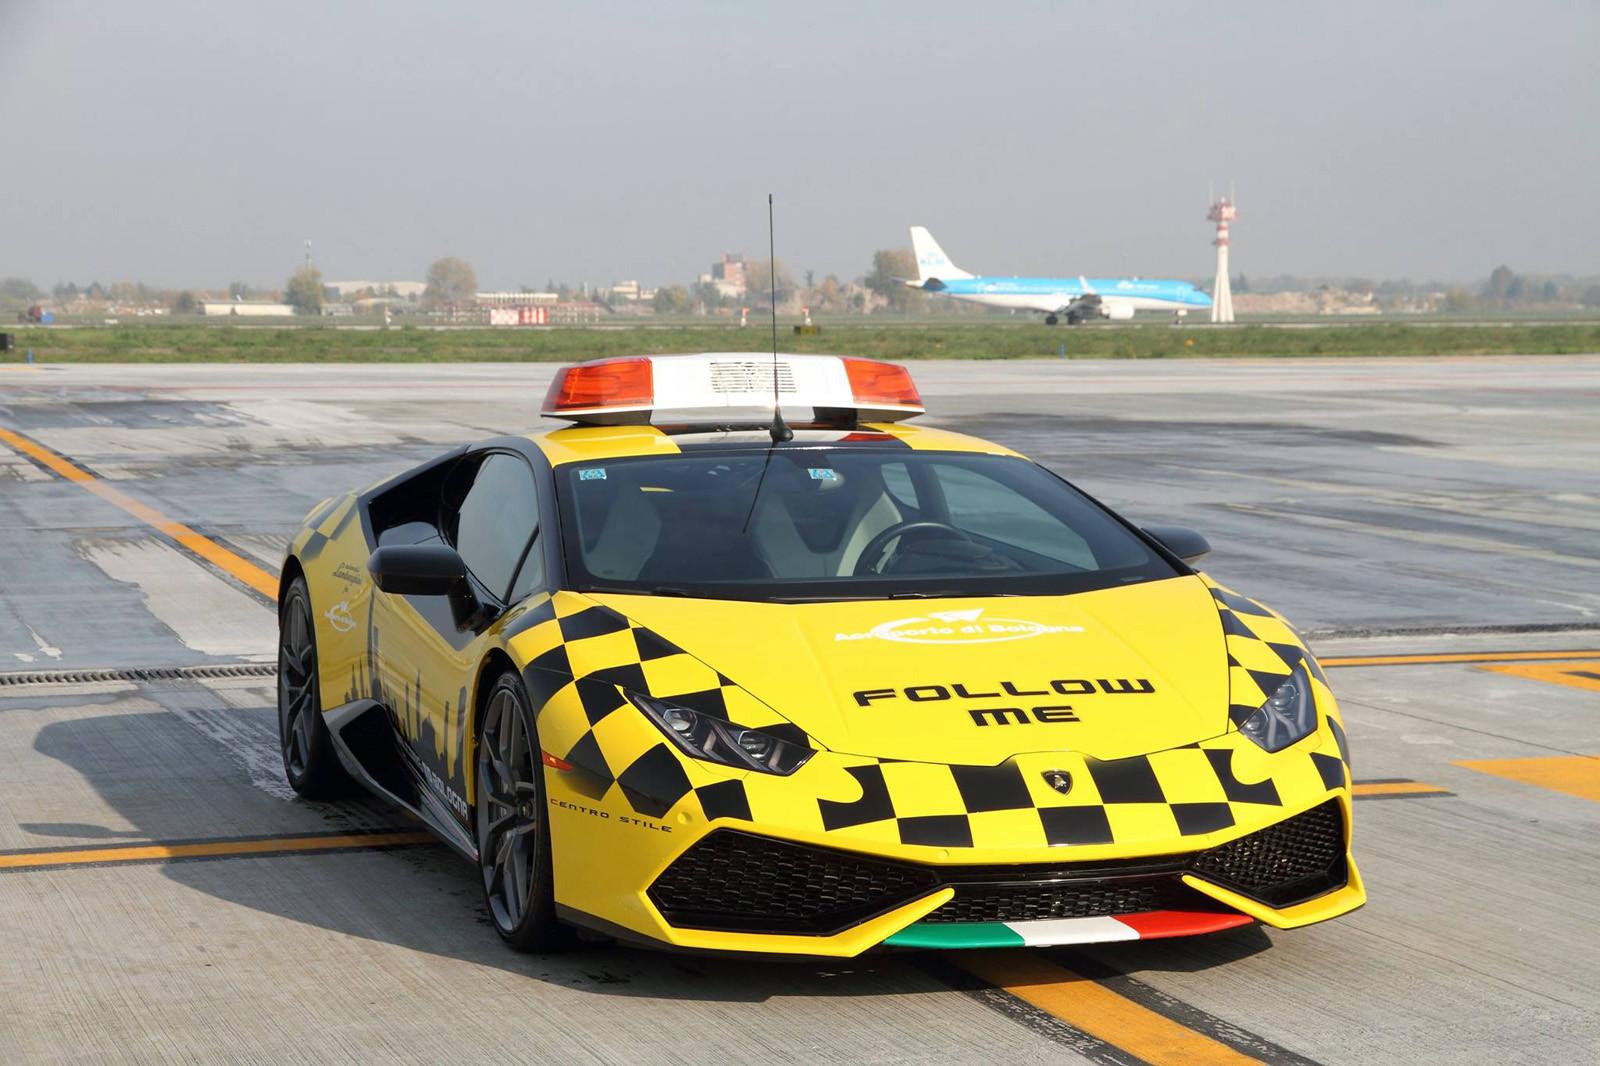 Lamborghini Huracán en el Aeroporto Marconi di Bologna